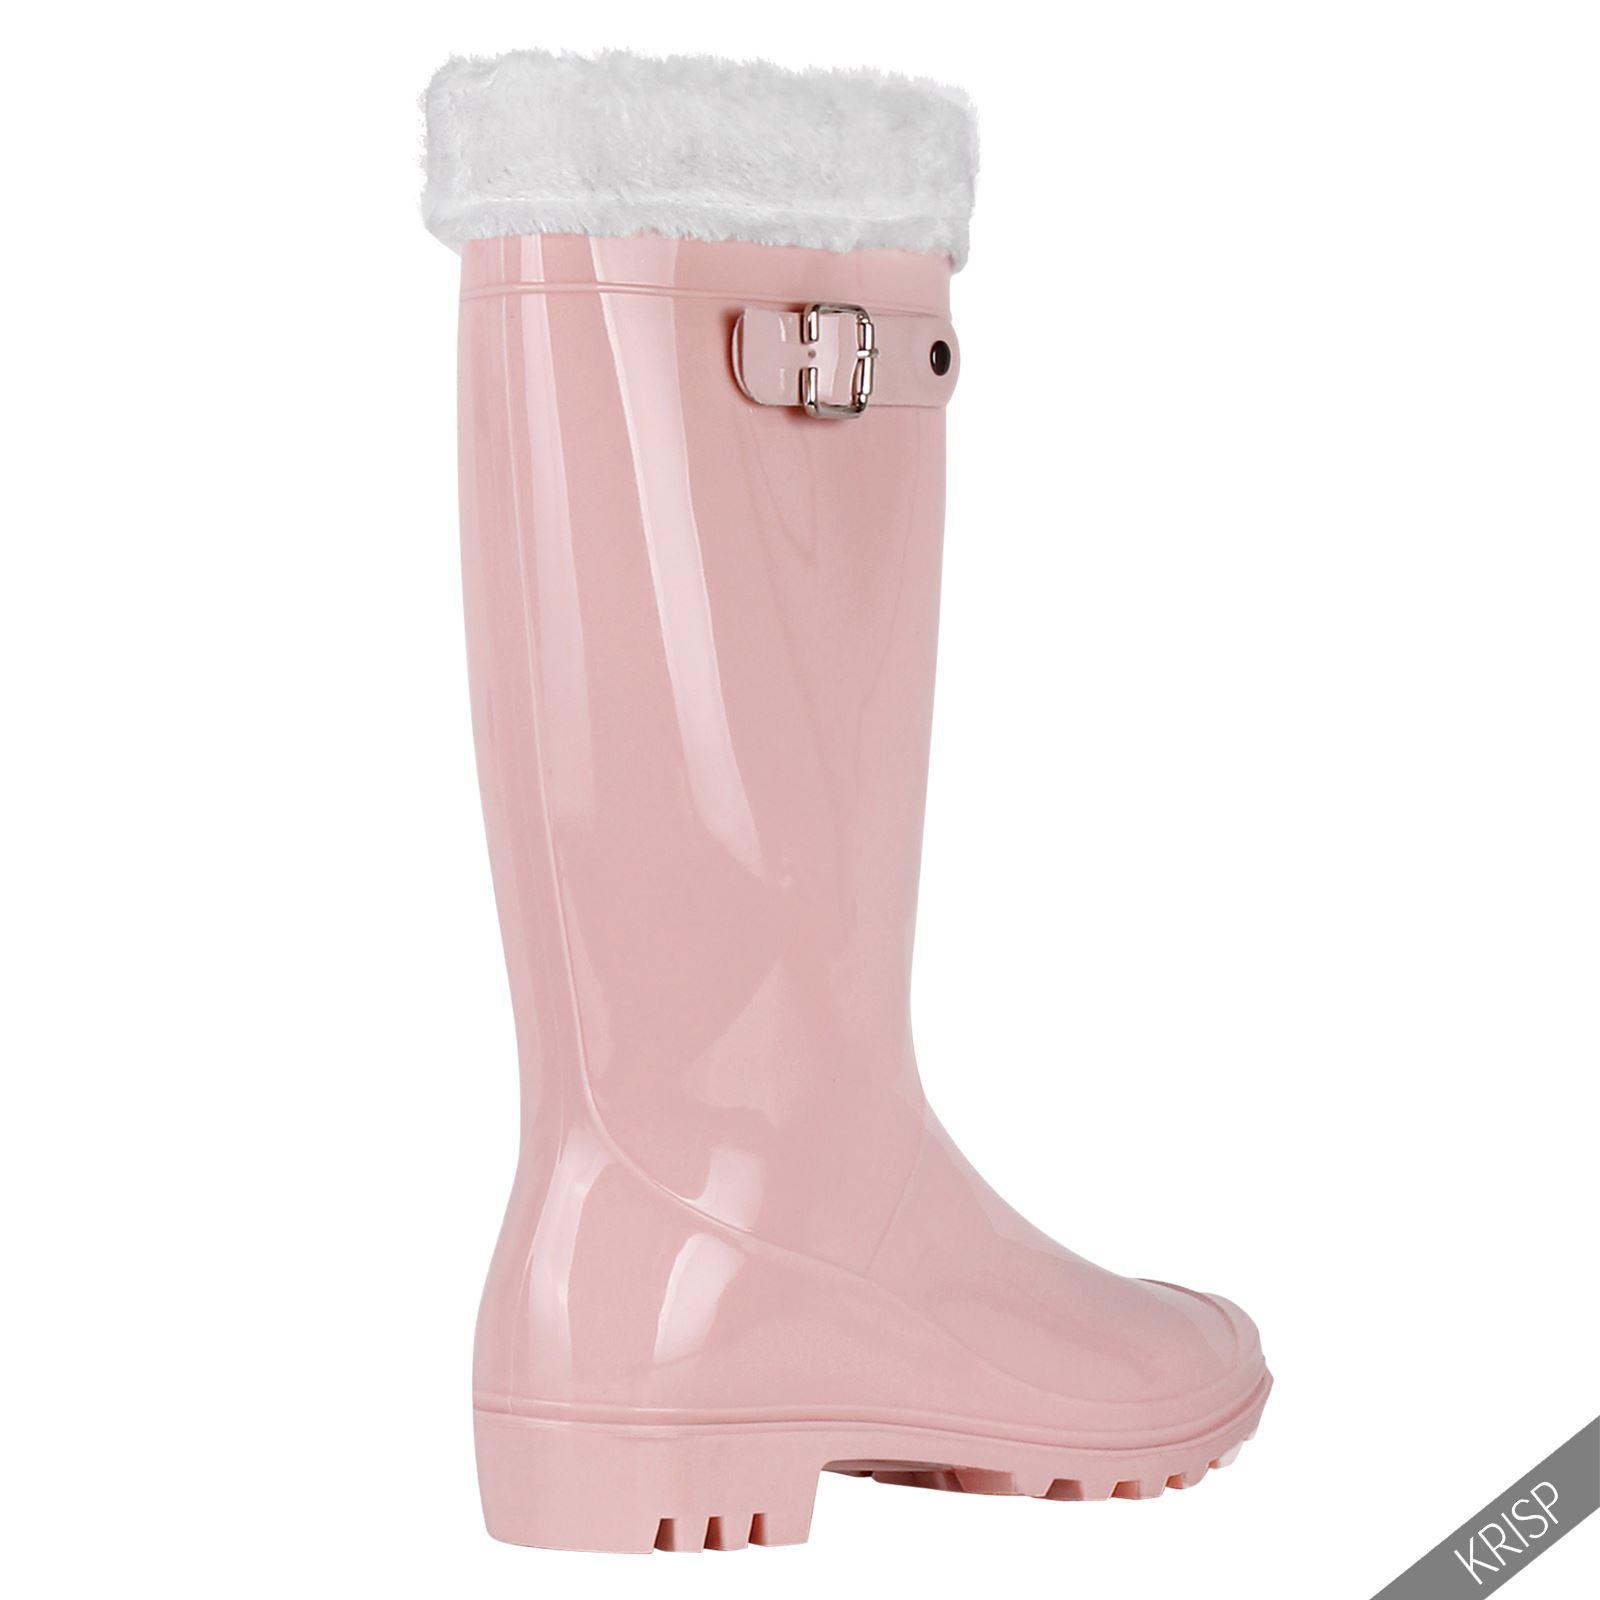 Botas-Agua-Mujer-Barata-Original-Botines-Moda-Comodas-Calzado-Elastico-Juveniles miniatura 42